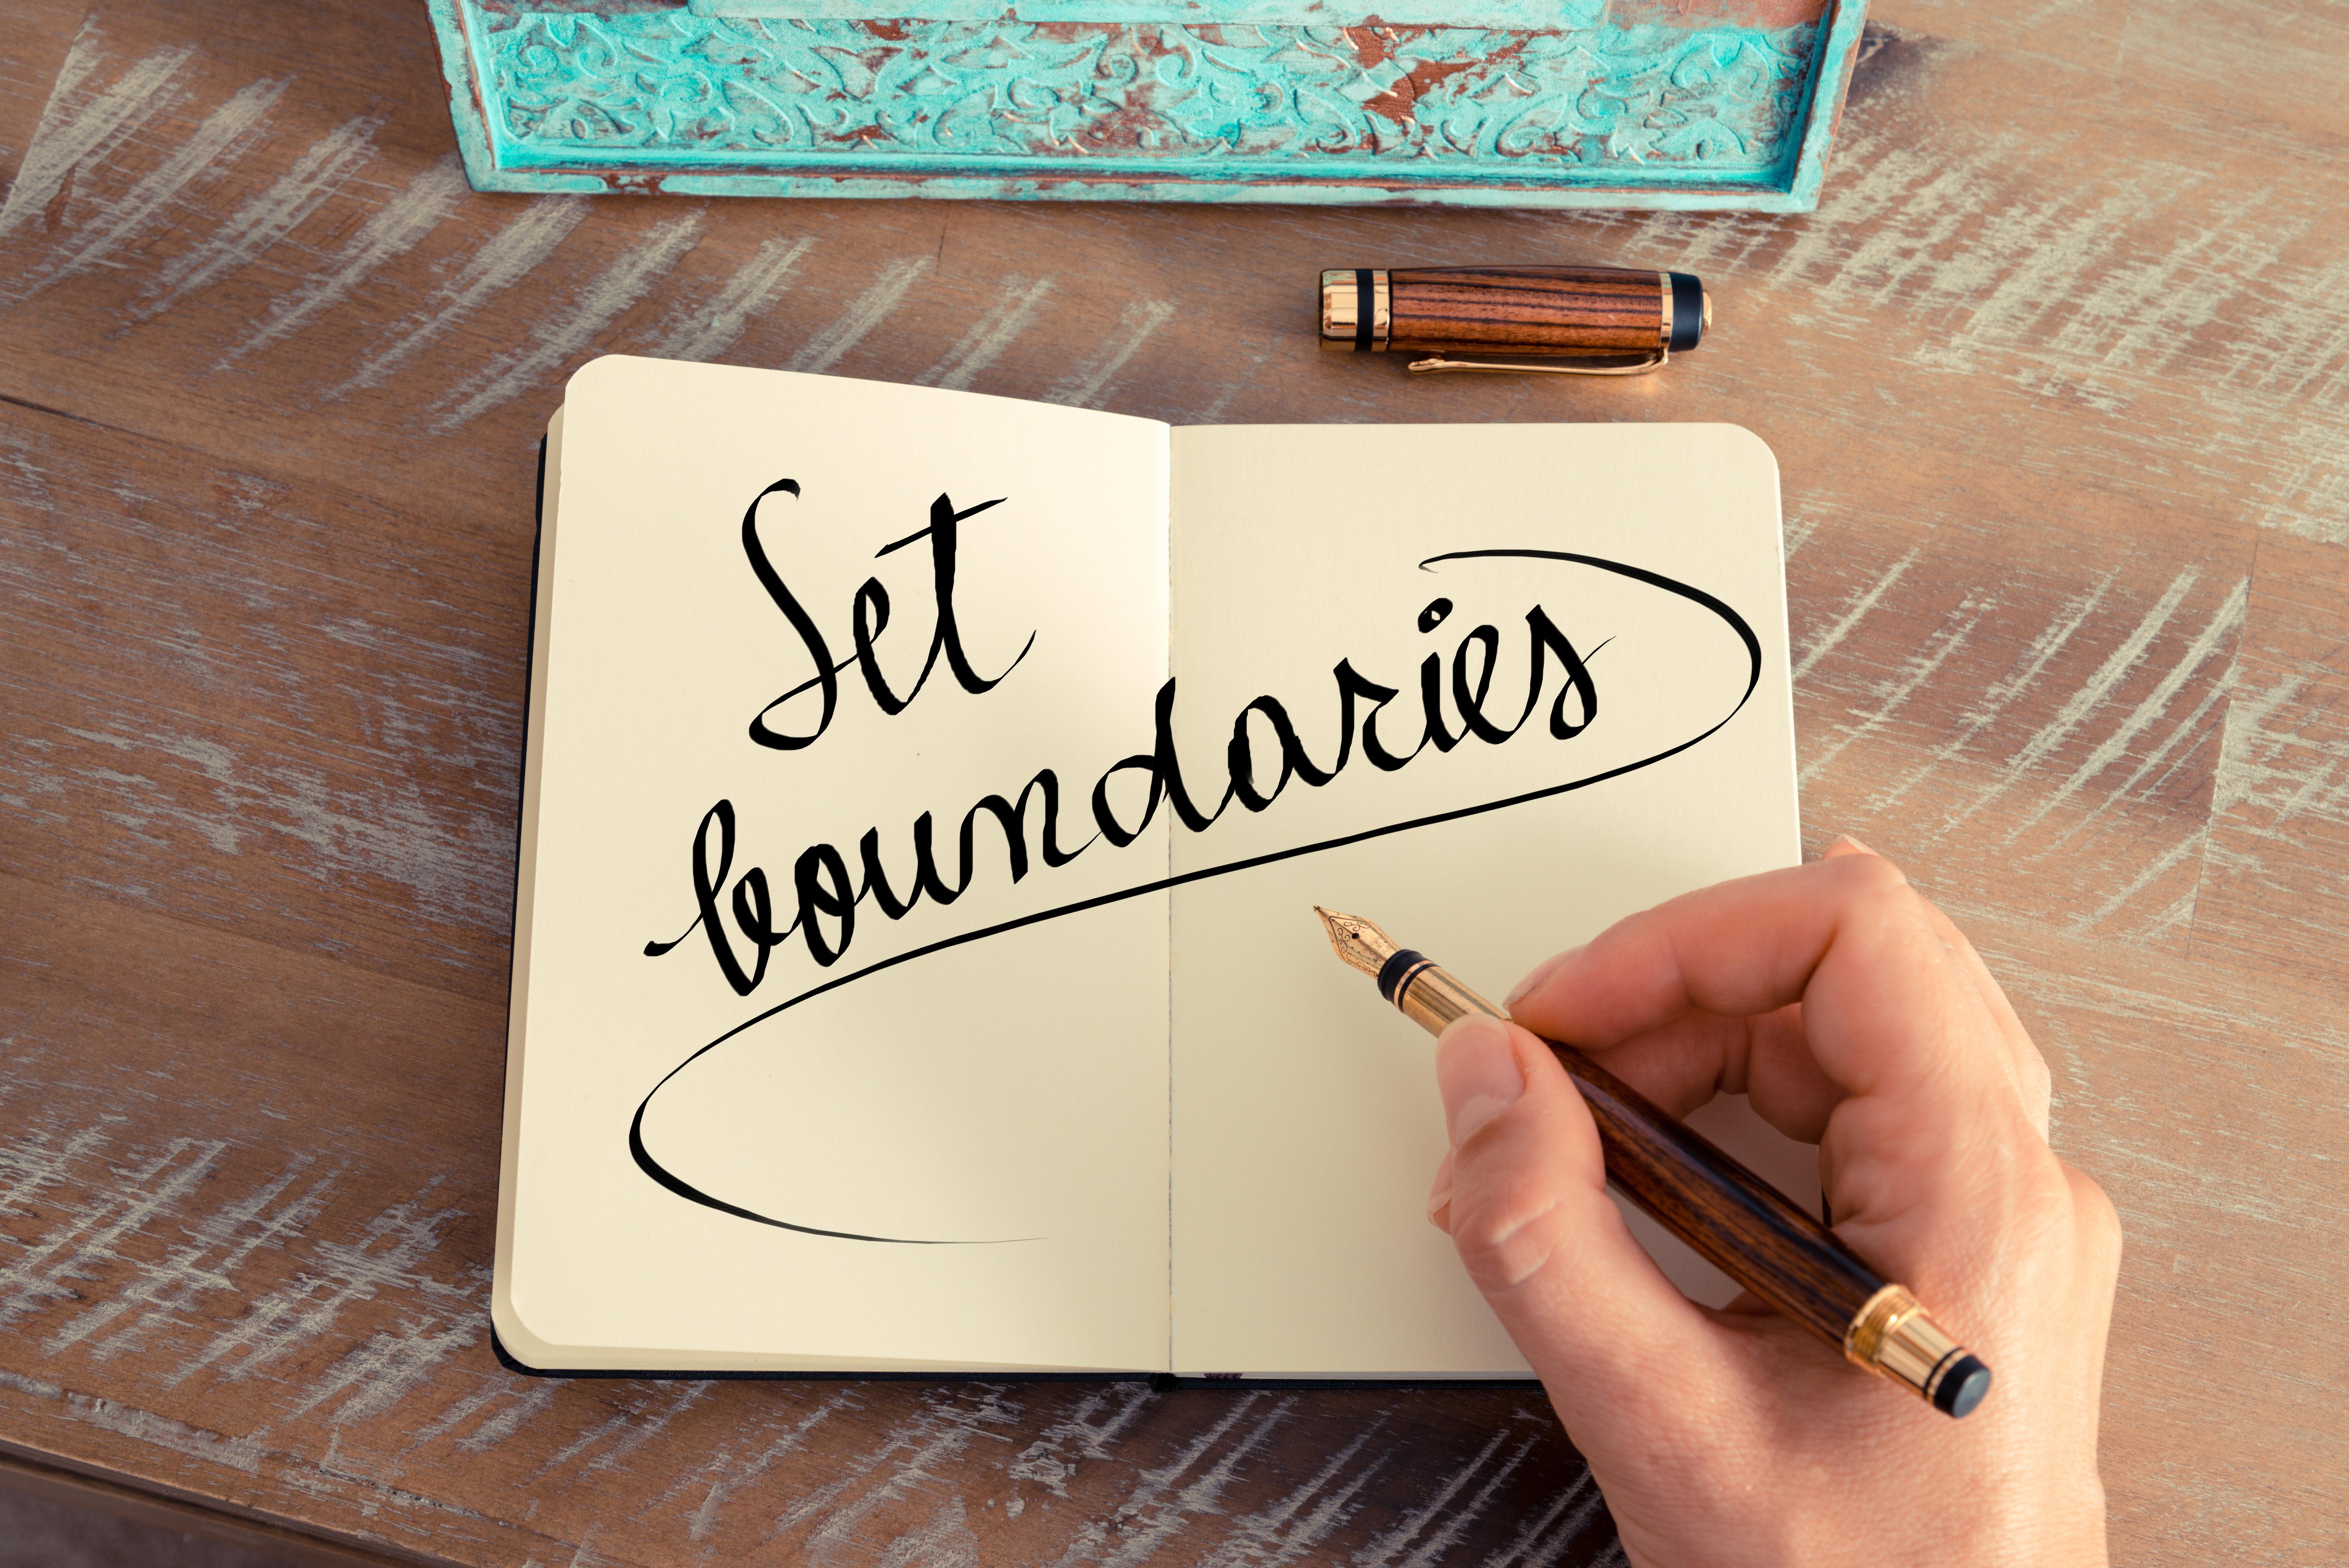 Basics of Boundary Setting